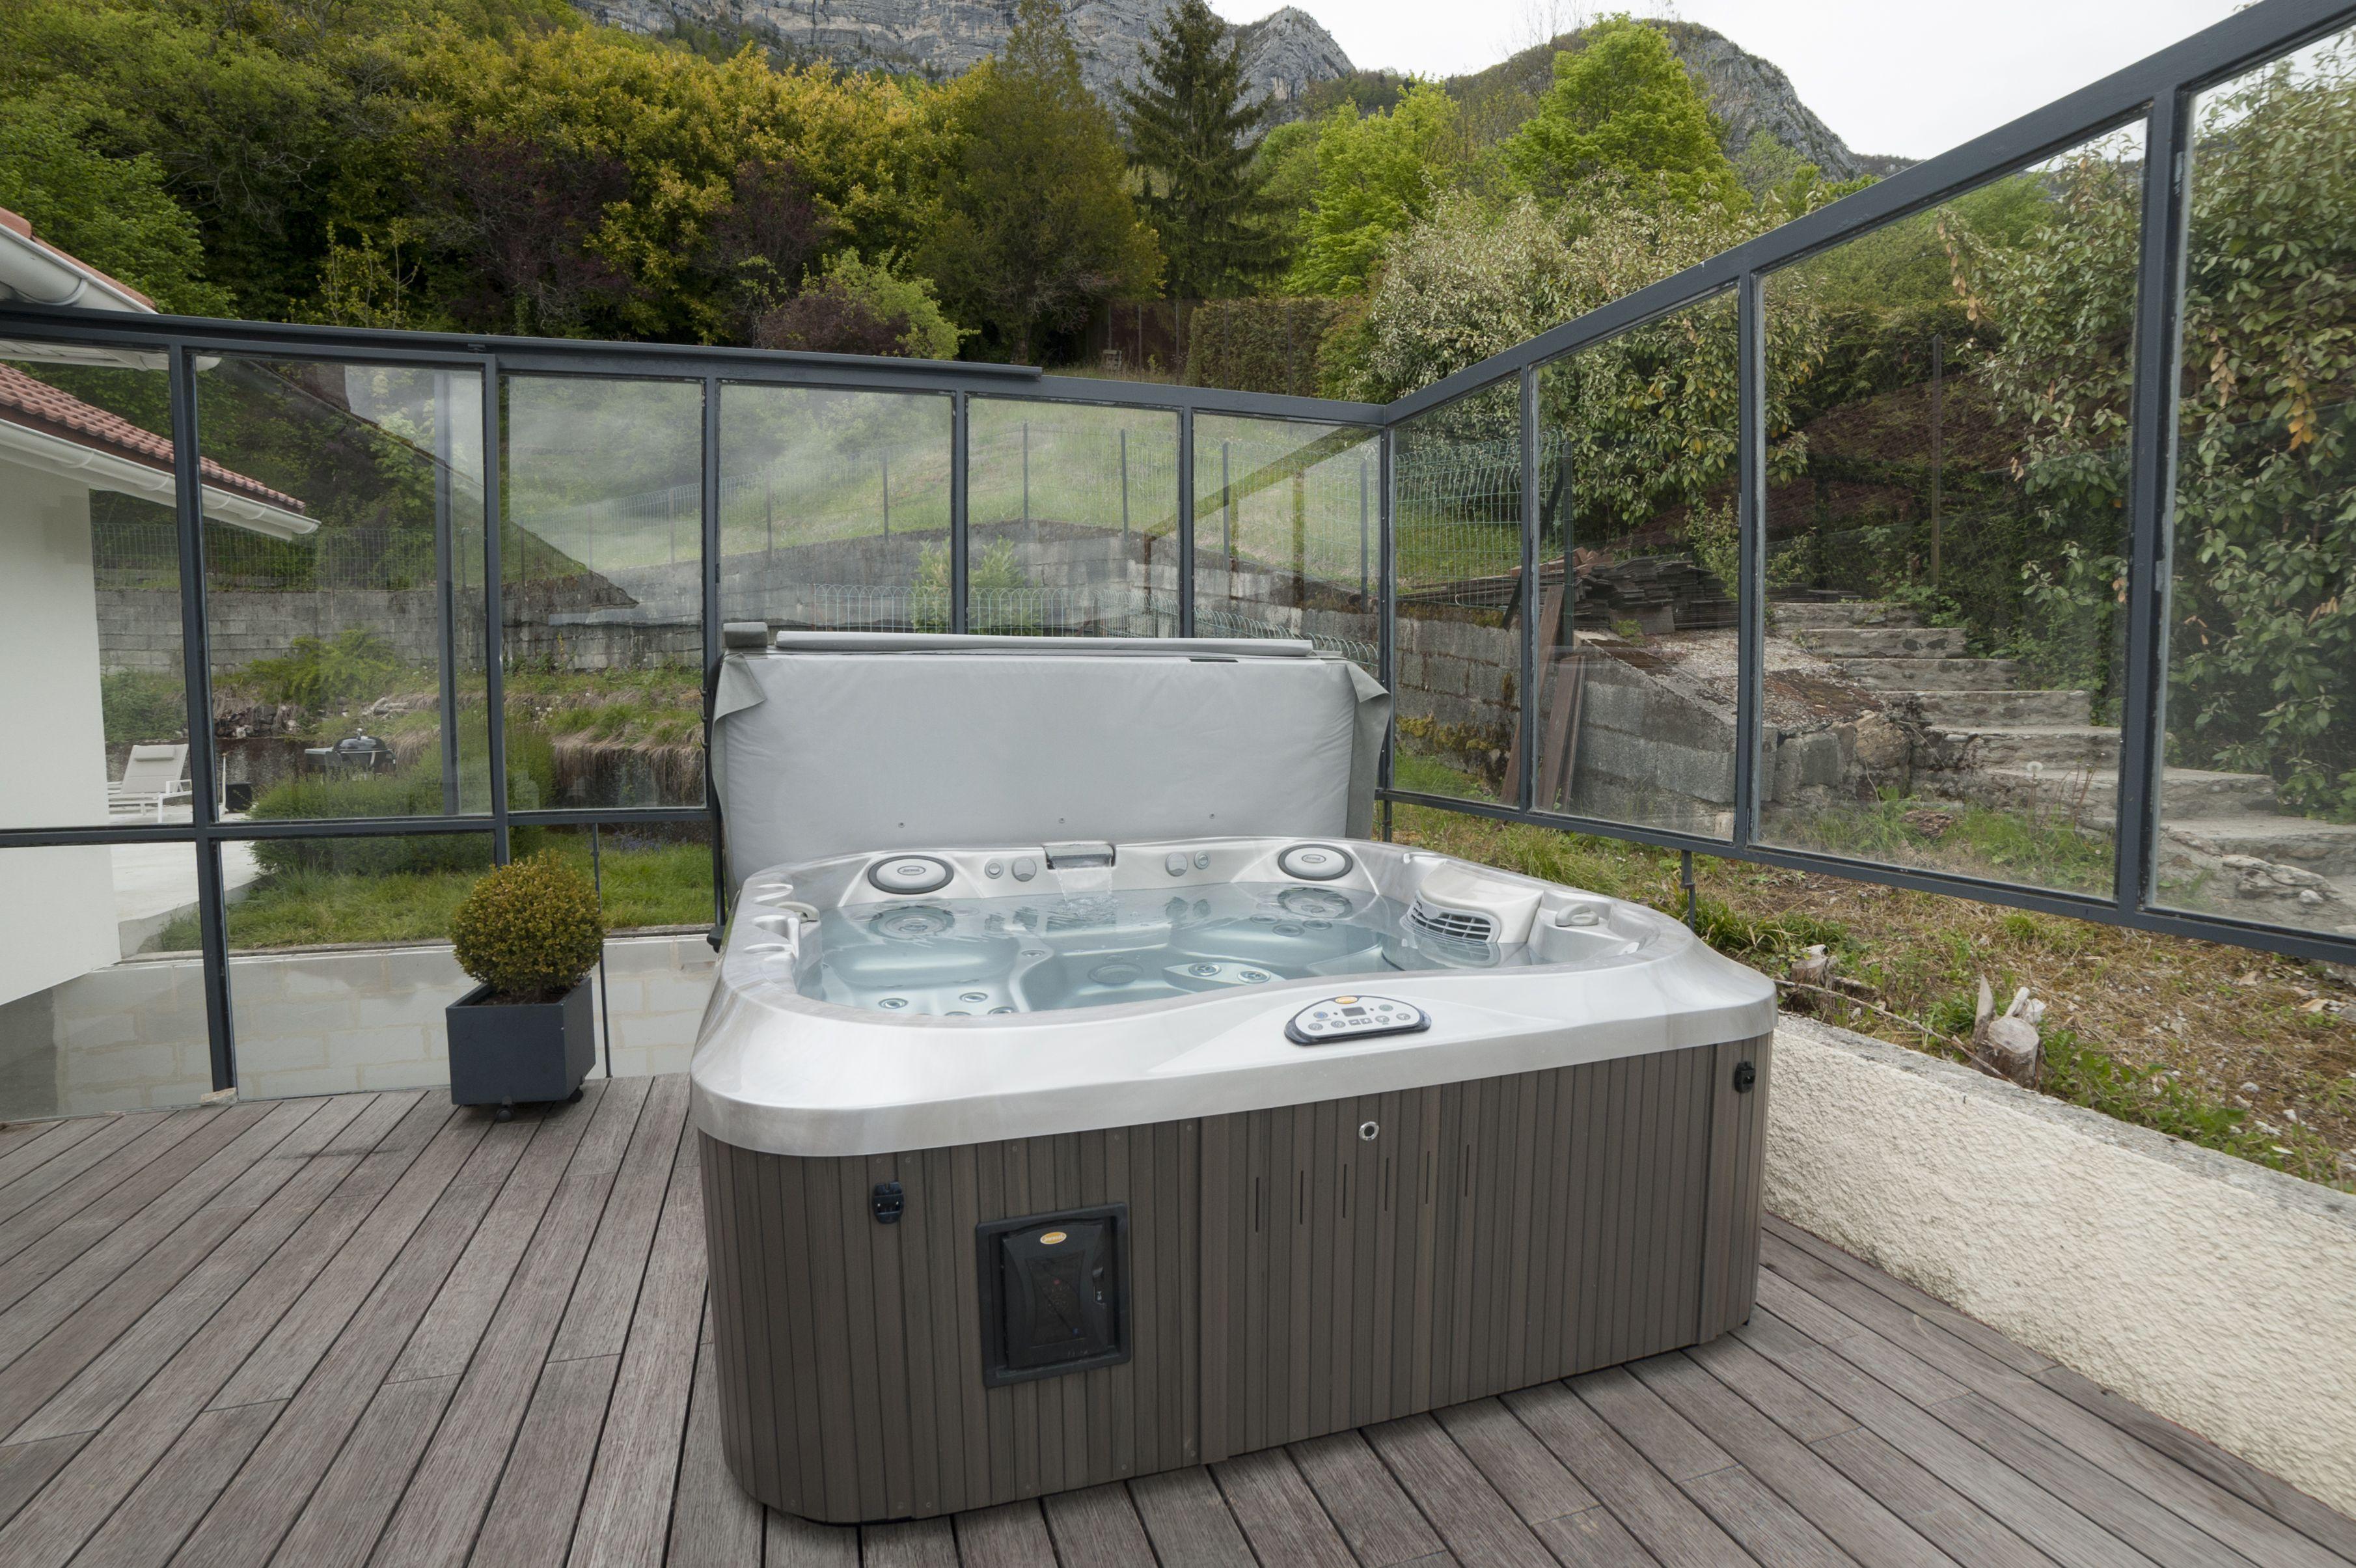 Un Spa De La Gamme J 300 Install Sur Une Terrasse En Bois Spas